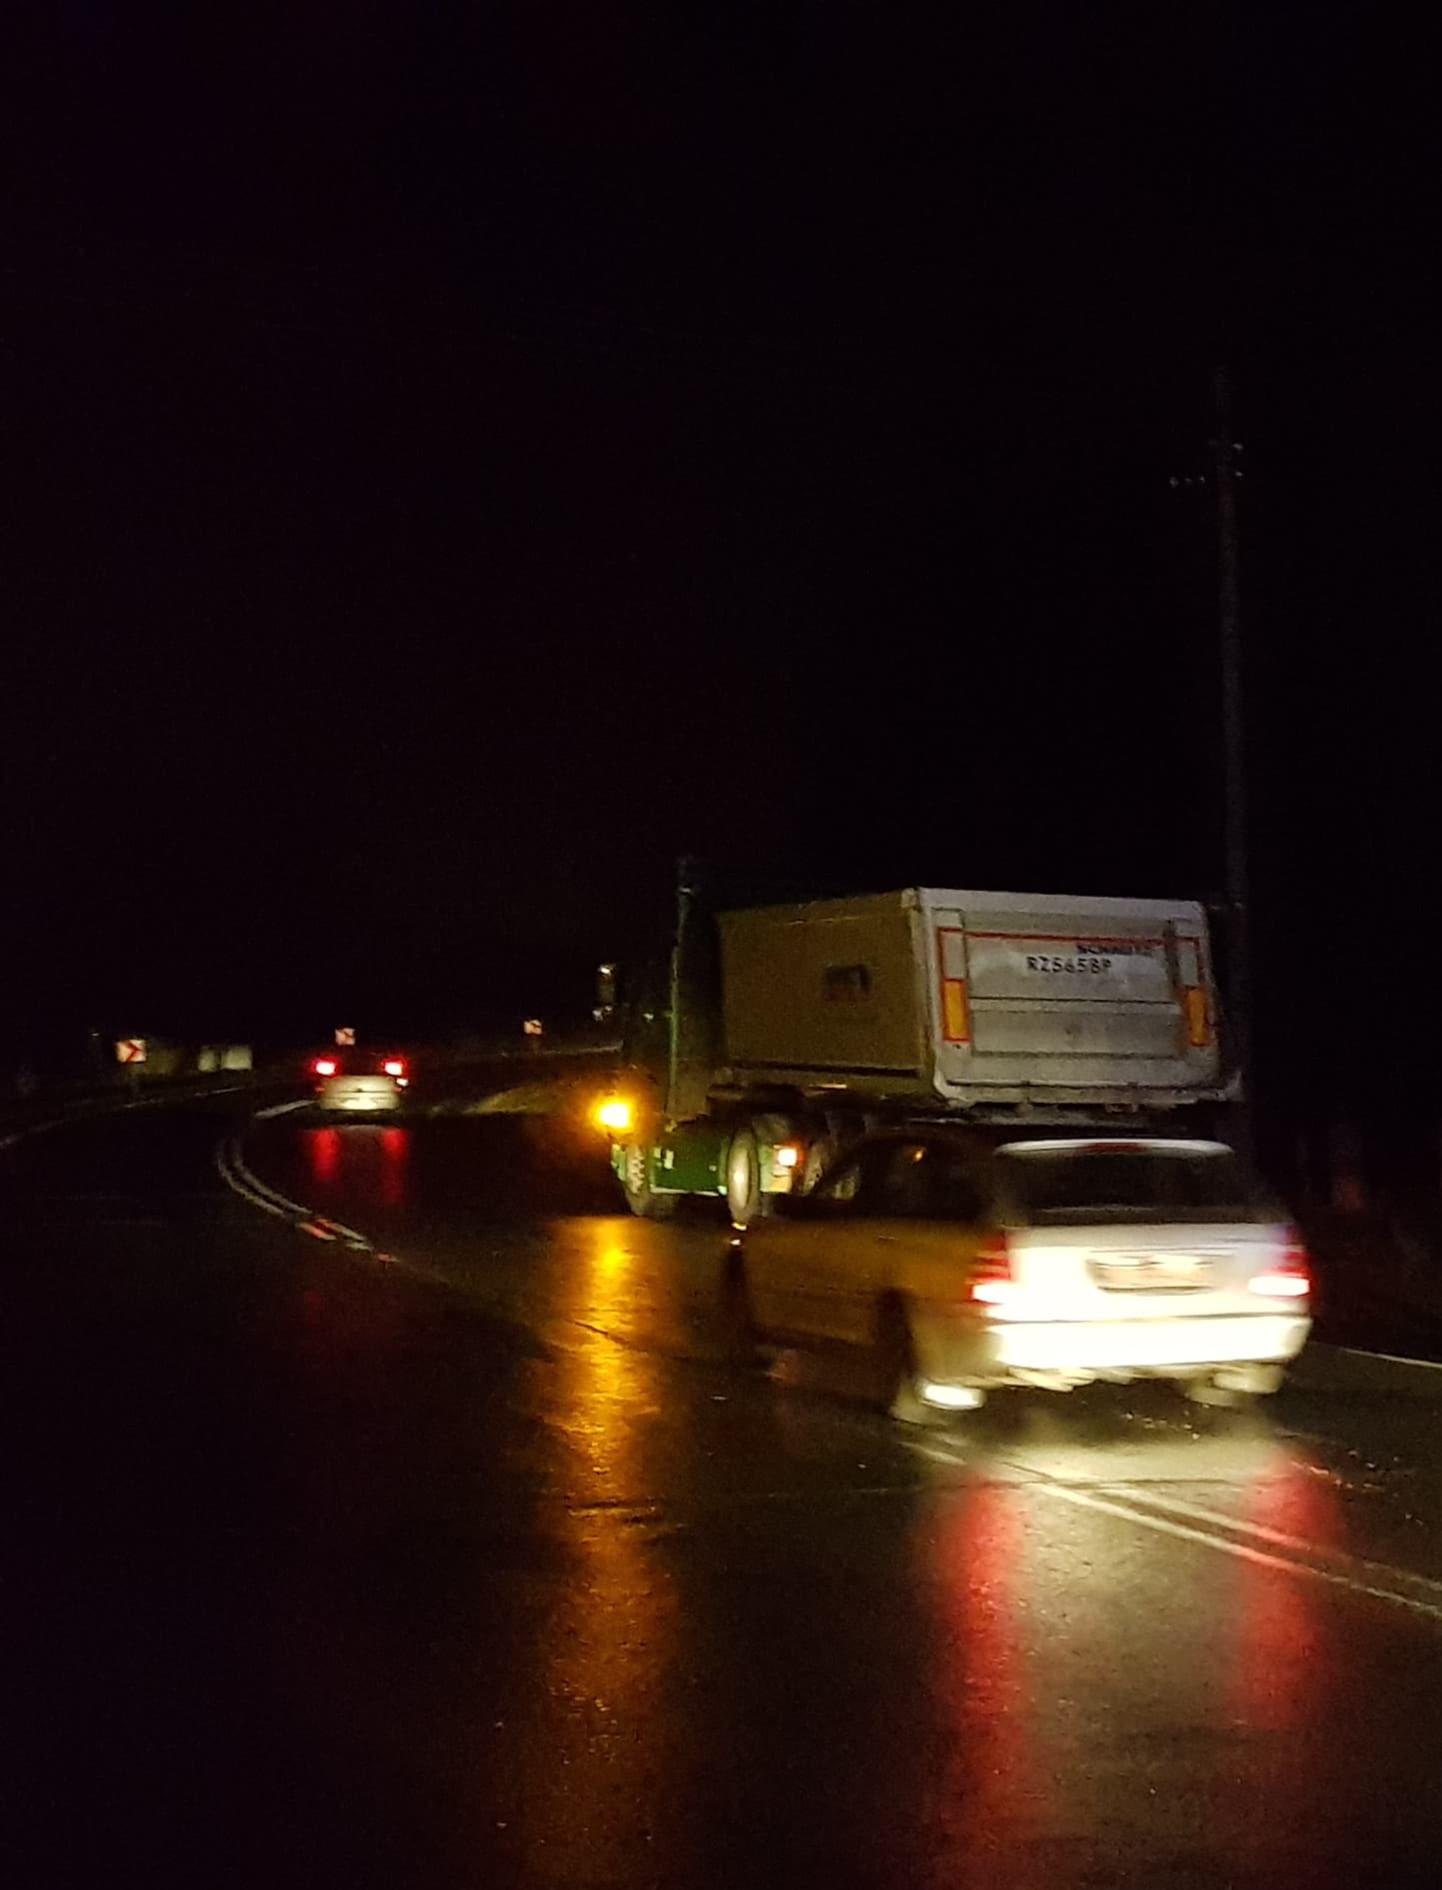 TRZEBOWNISKO: Stłuczka osobówki z samochodem ciężarowym (ZDJĘCIA)